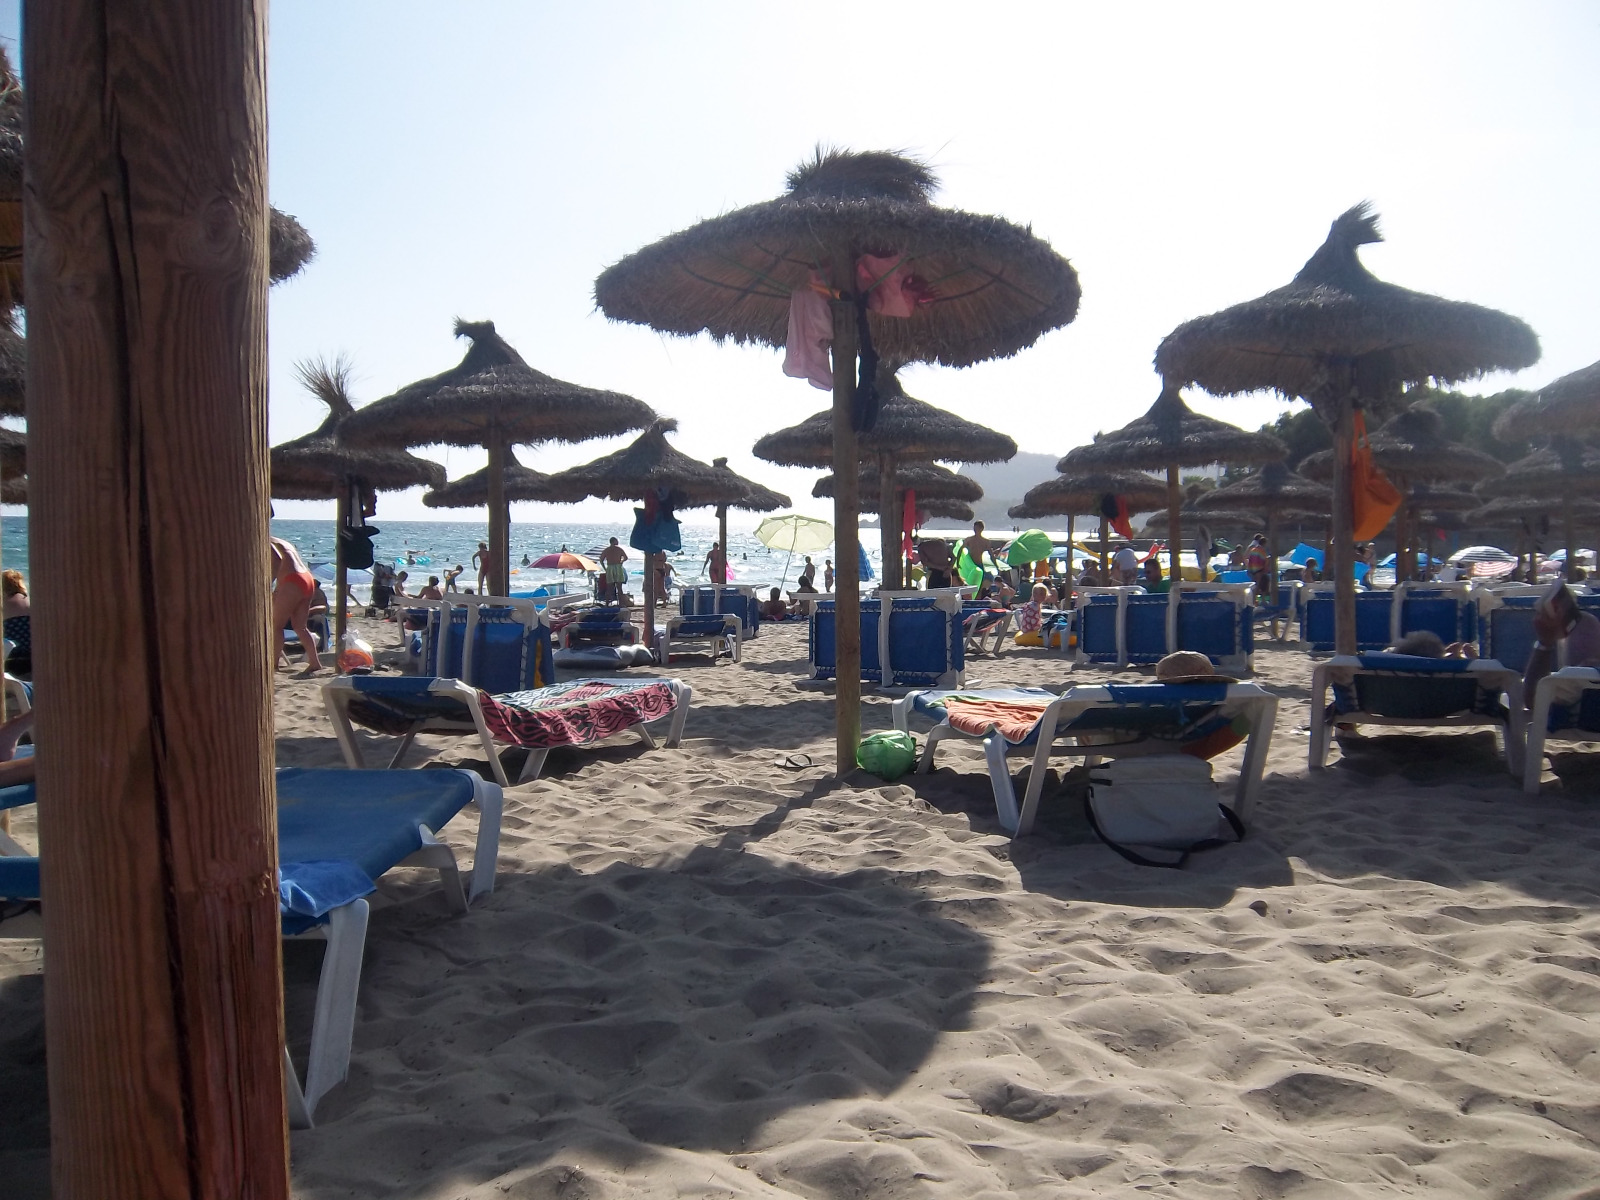 Erinnerungen an die Sommer an der Costa Brava